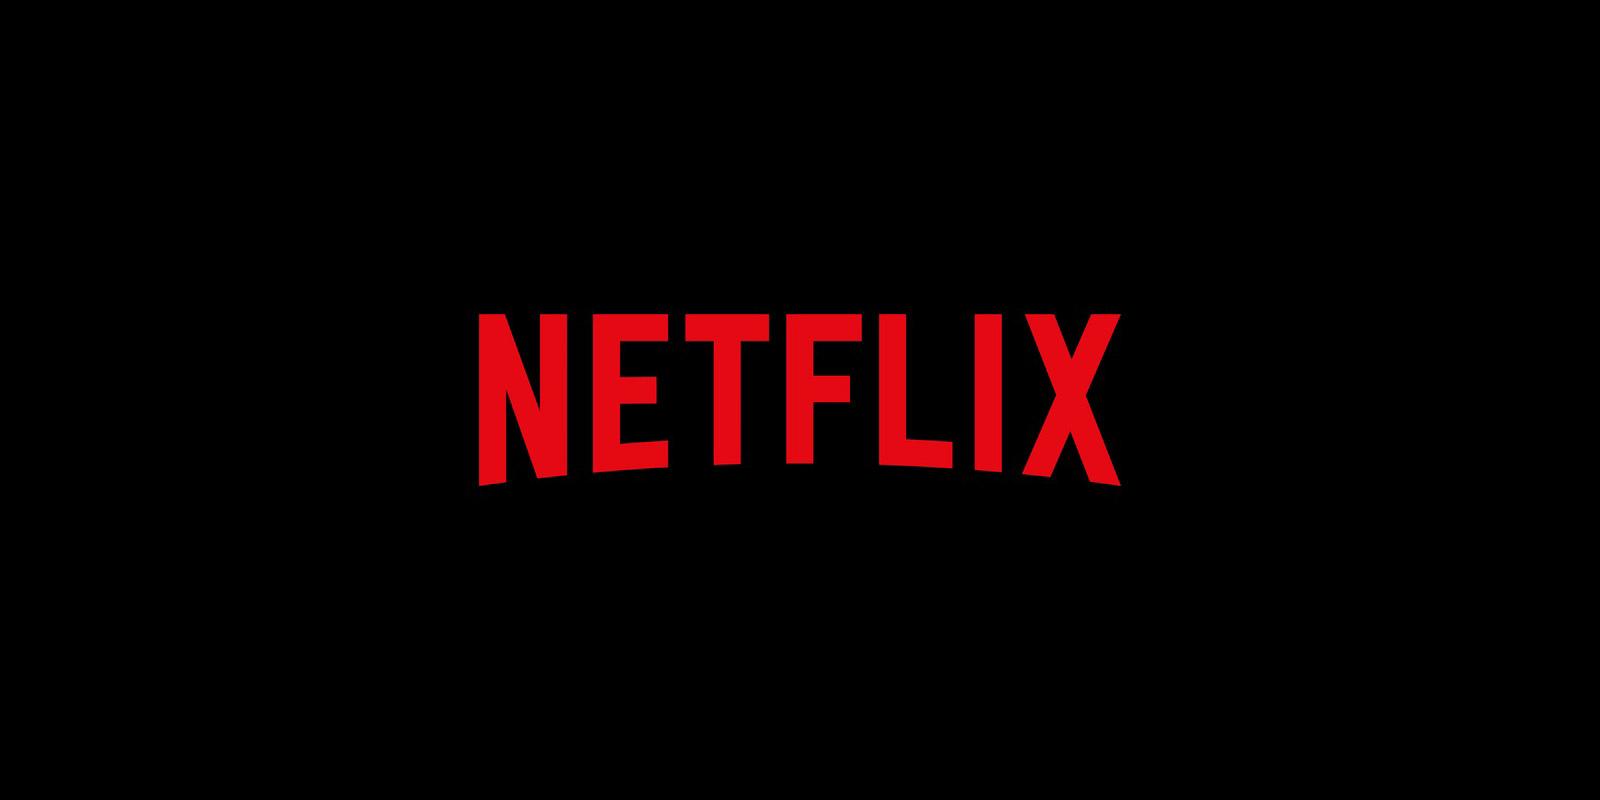 Netflix แอพพลิเคชั่นดูซีรี่ส์